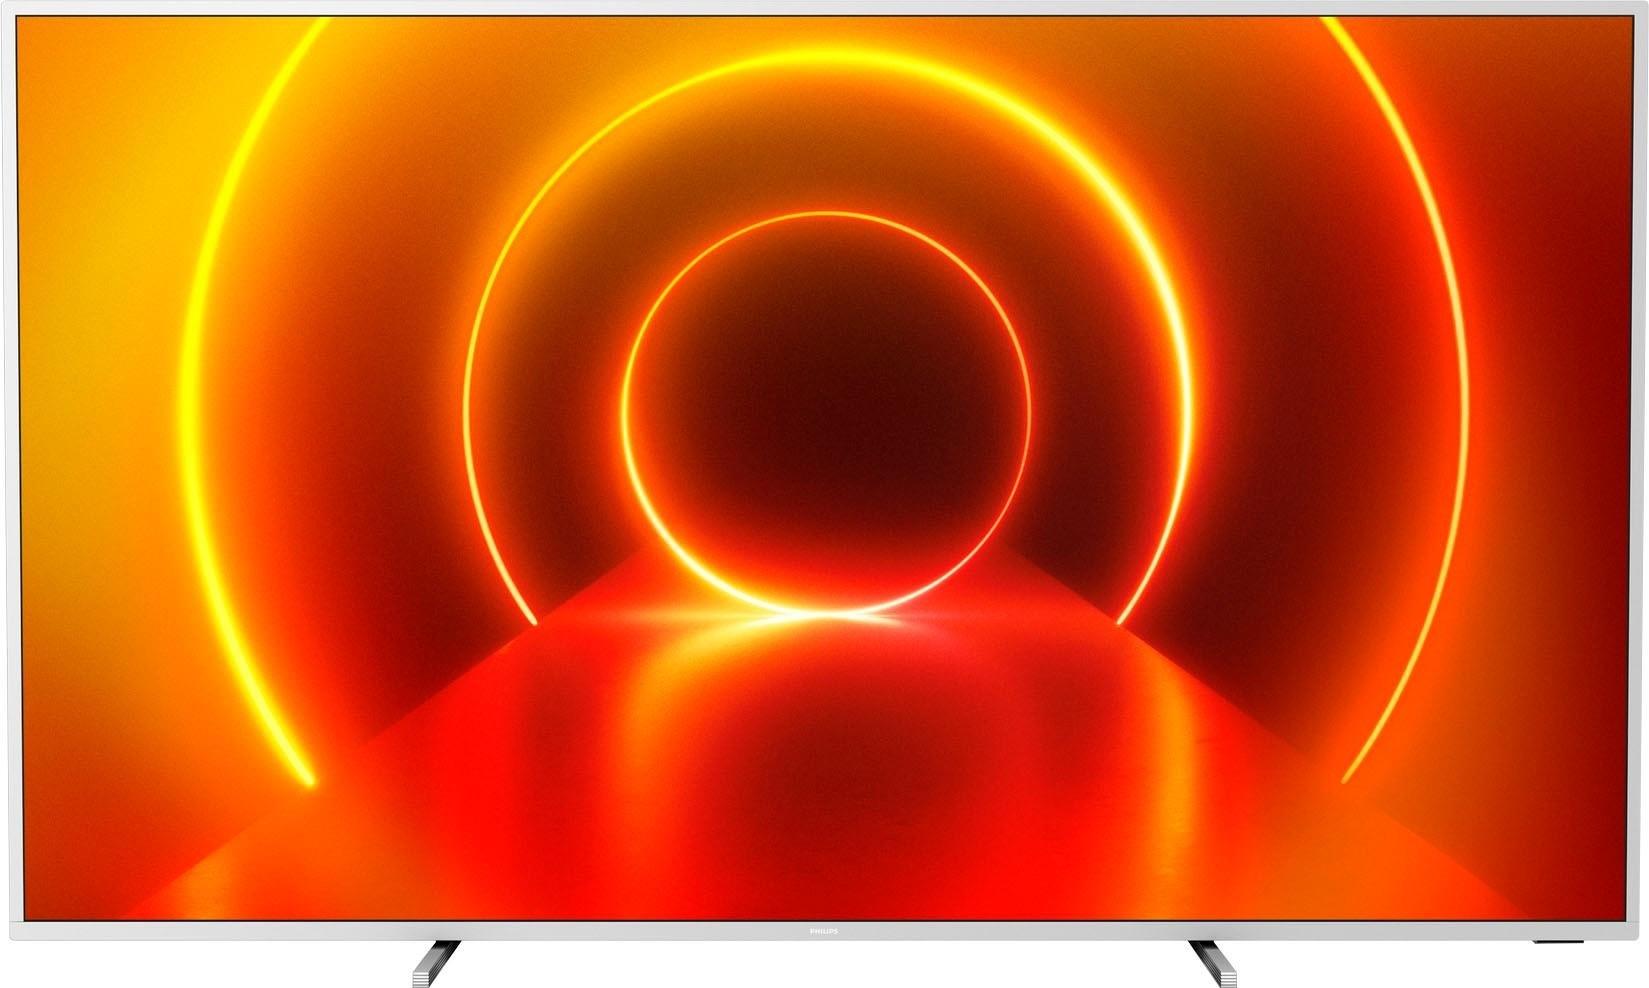 Philips »70PUS8105« LED-TV - gratis ruilen op otto.nl